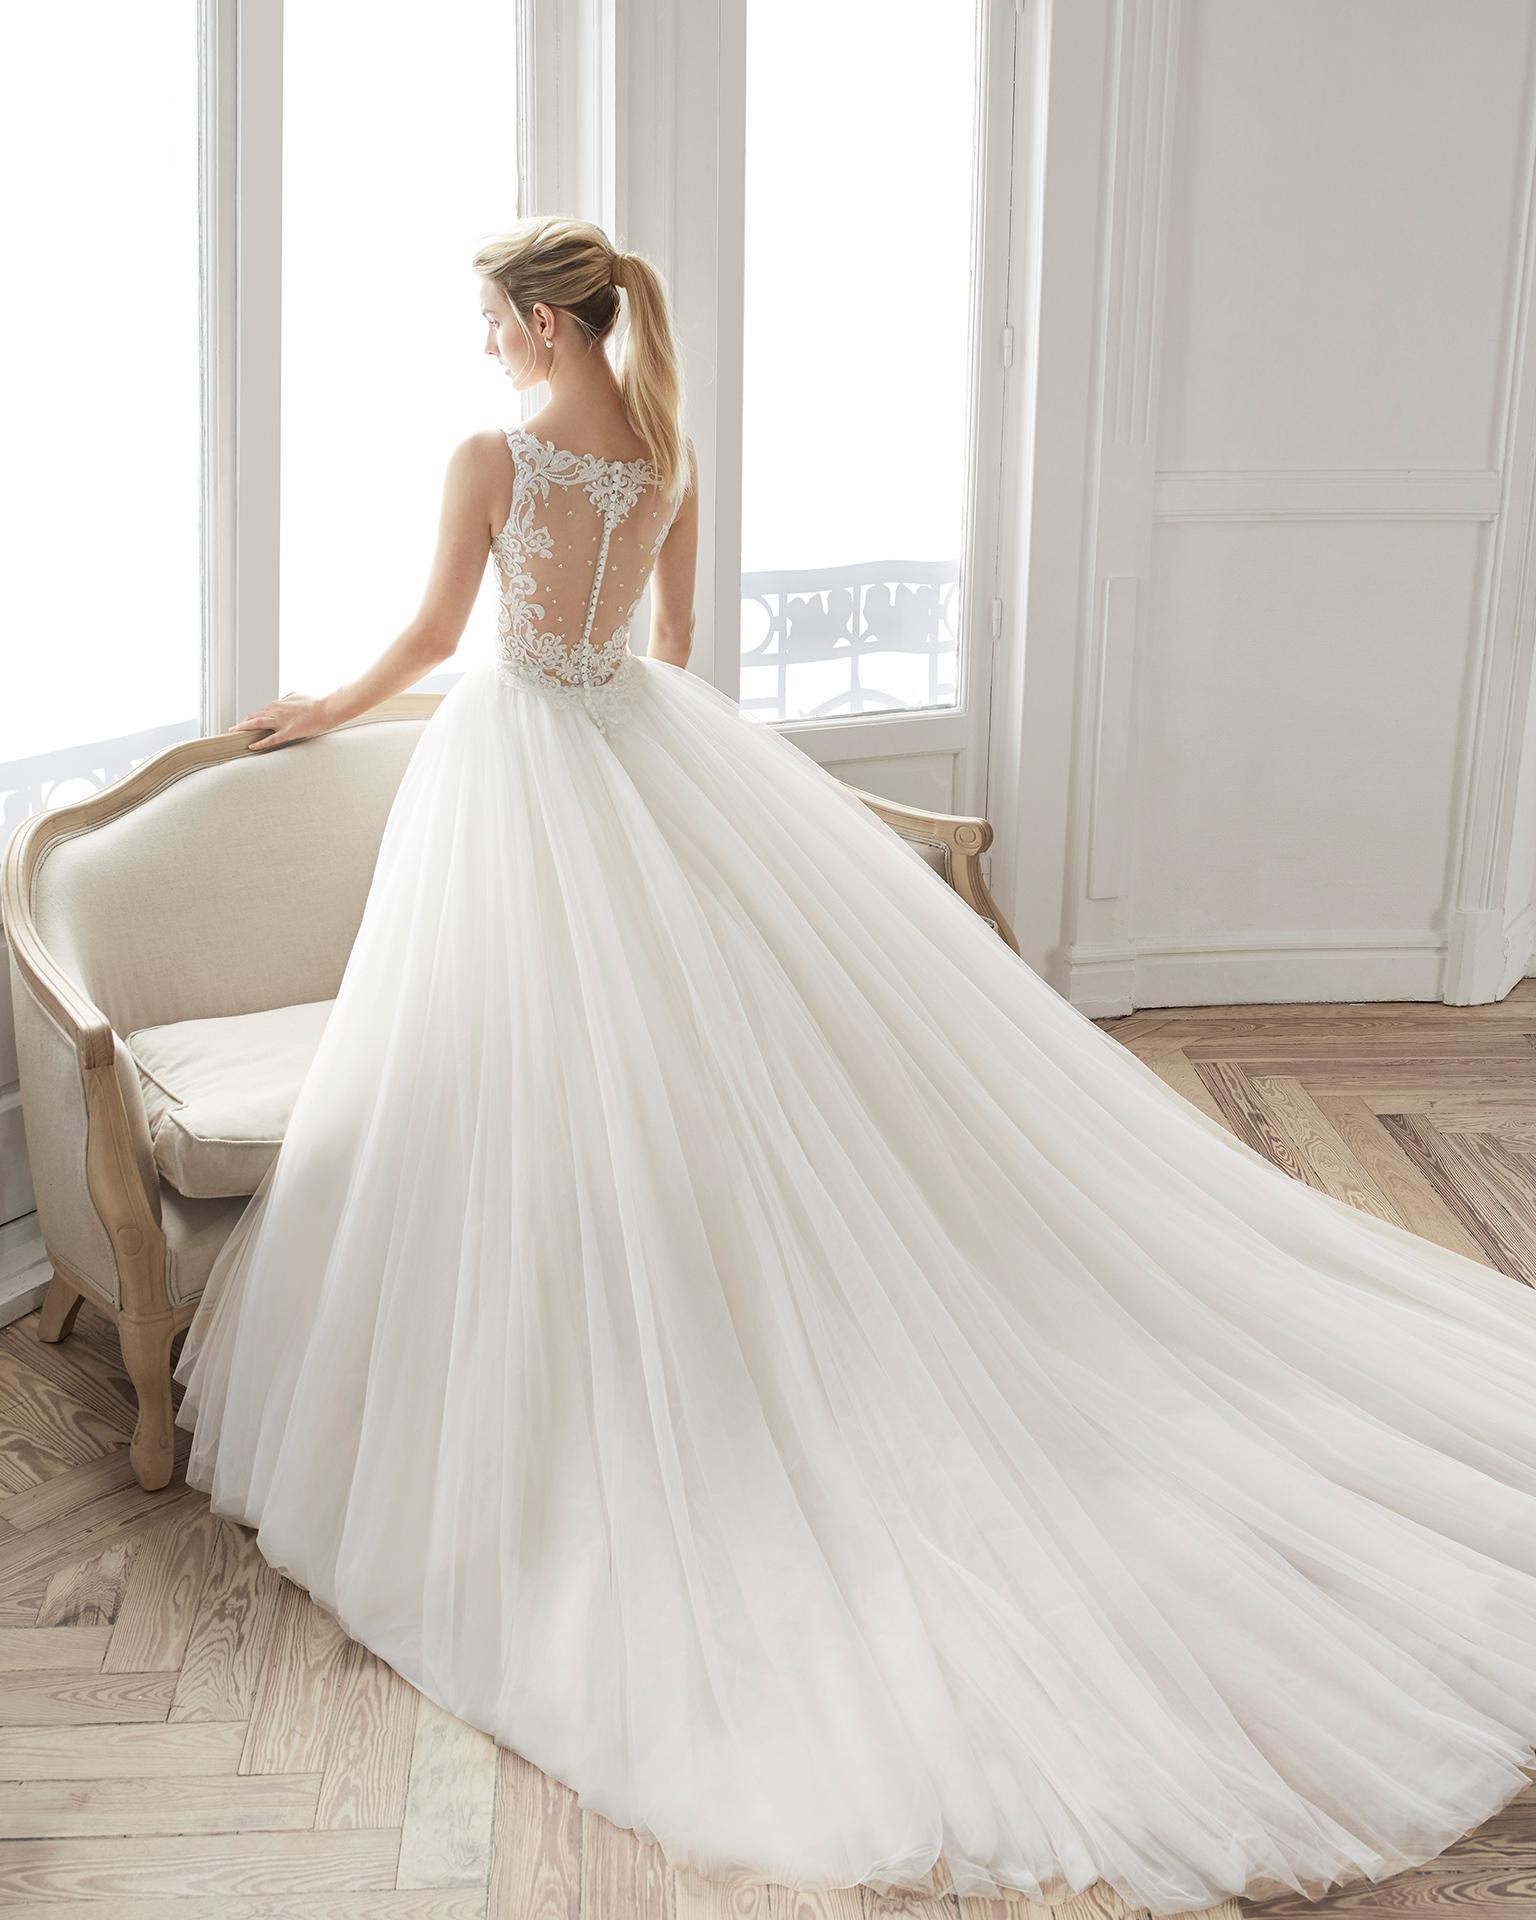 Vestido de noiva estilo princesa de renda, brilhantes e tule. Decote em V e costas de renda. Disponível em cor natural. Coleção AIRE BARCELONA 2019.